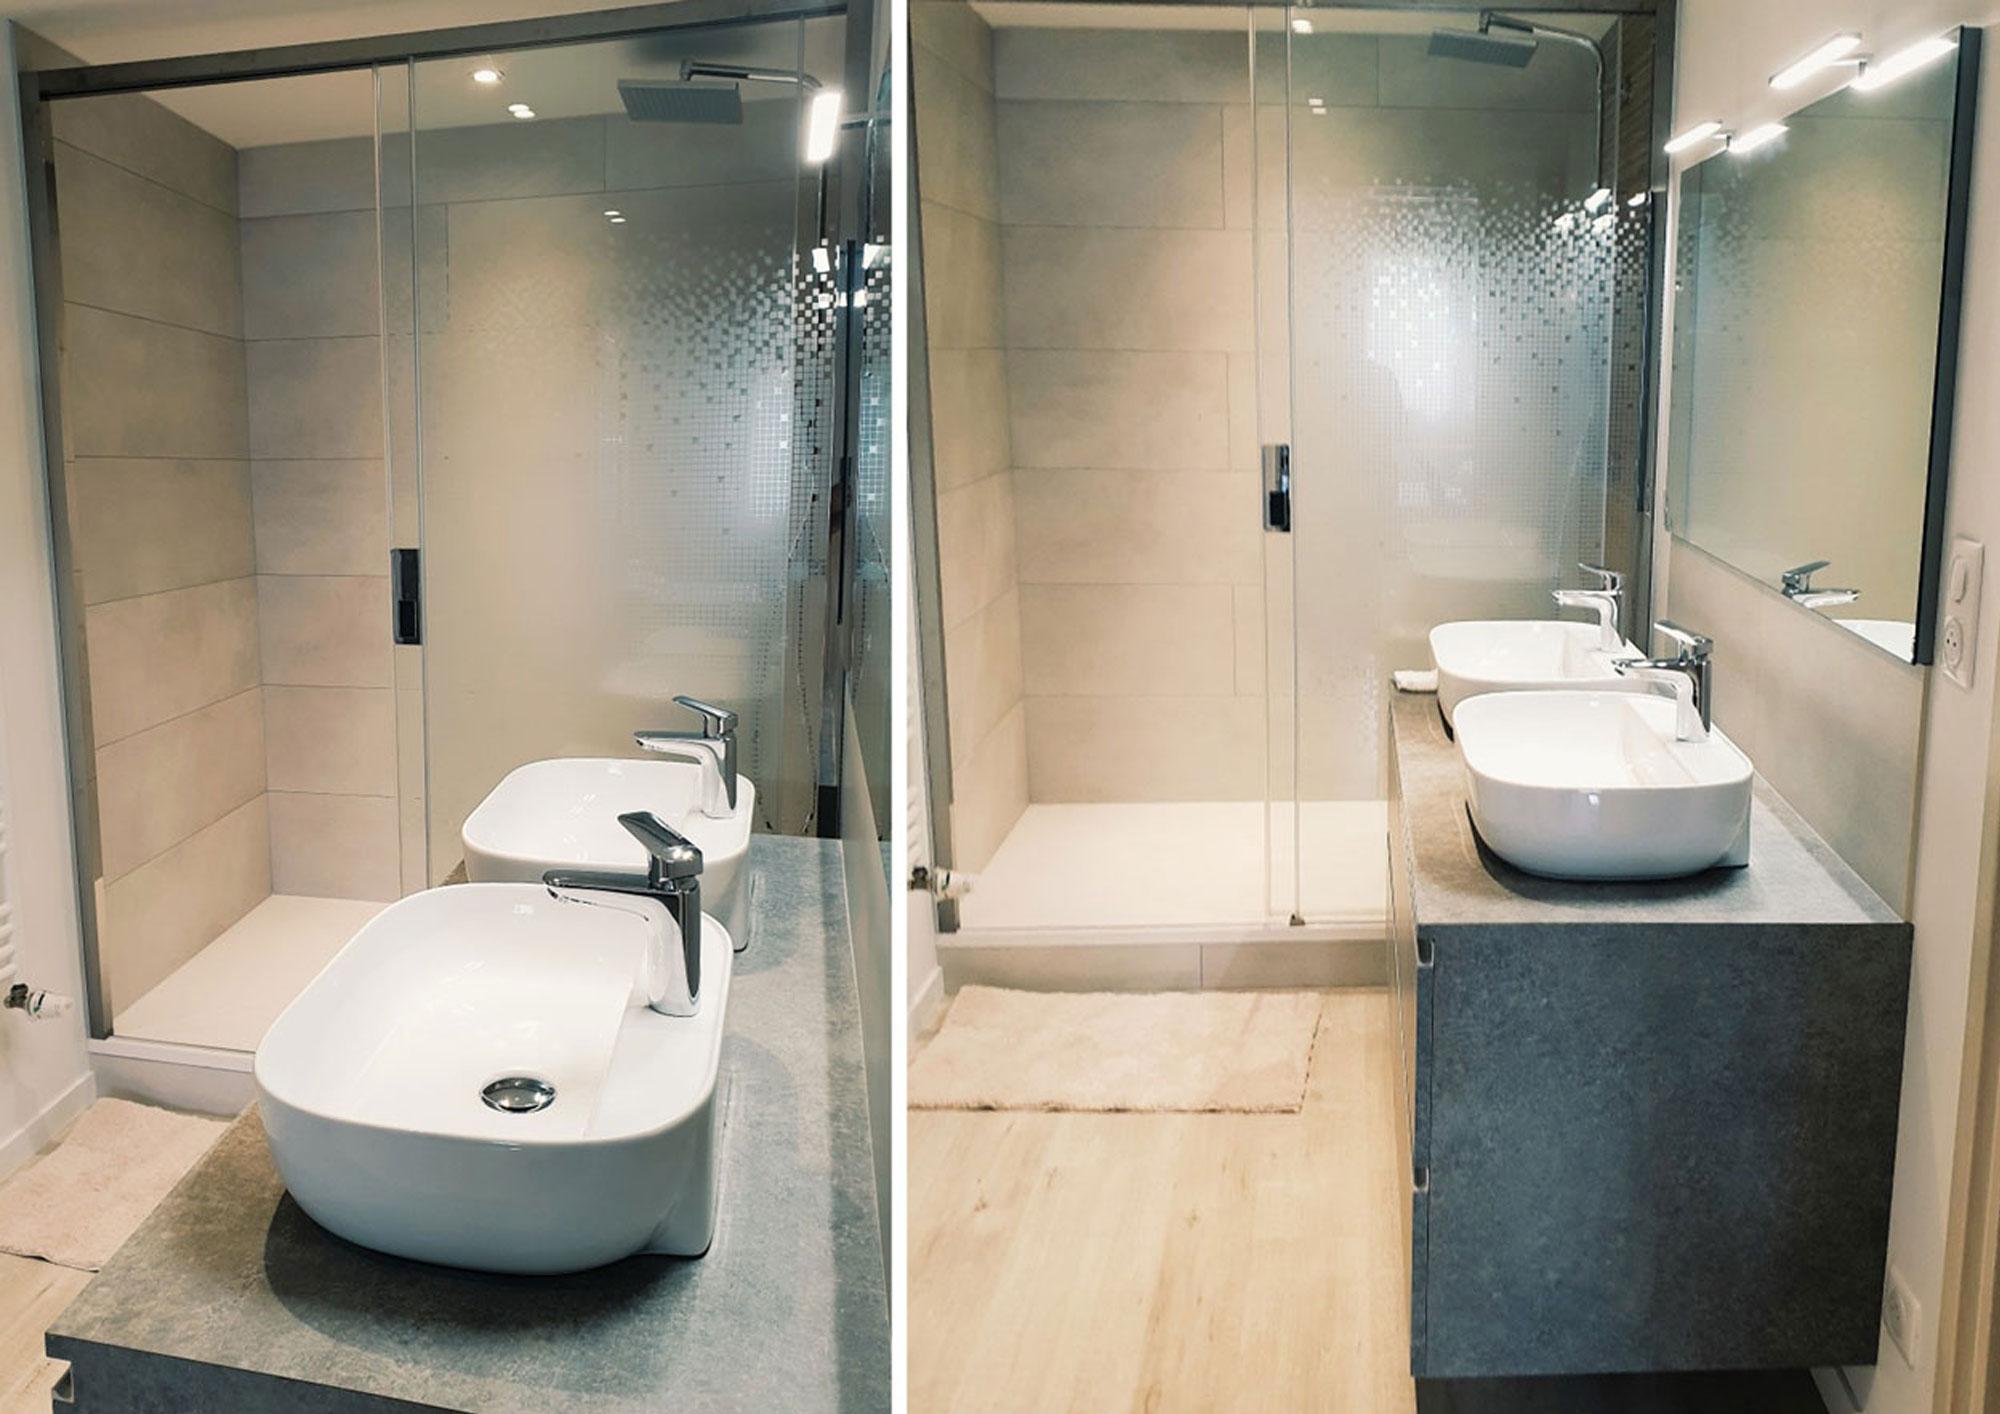 pack-deco-architecture-interieur-salle-de-bain-maison-saint-genis-laval-rhone